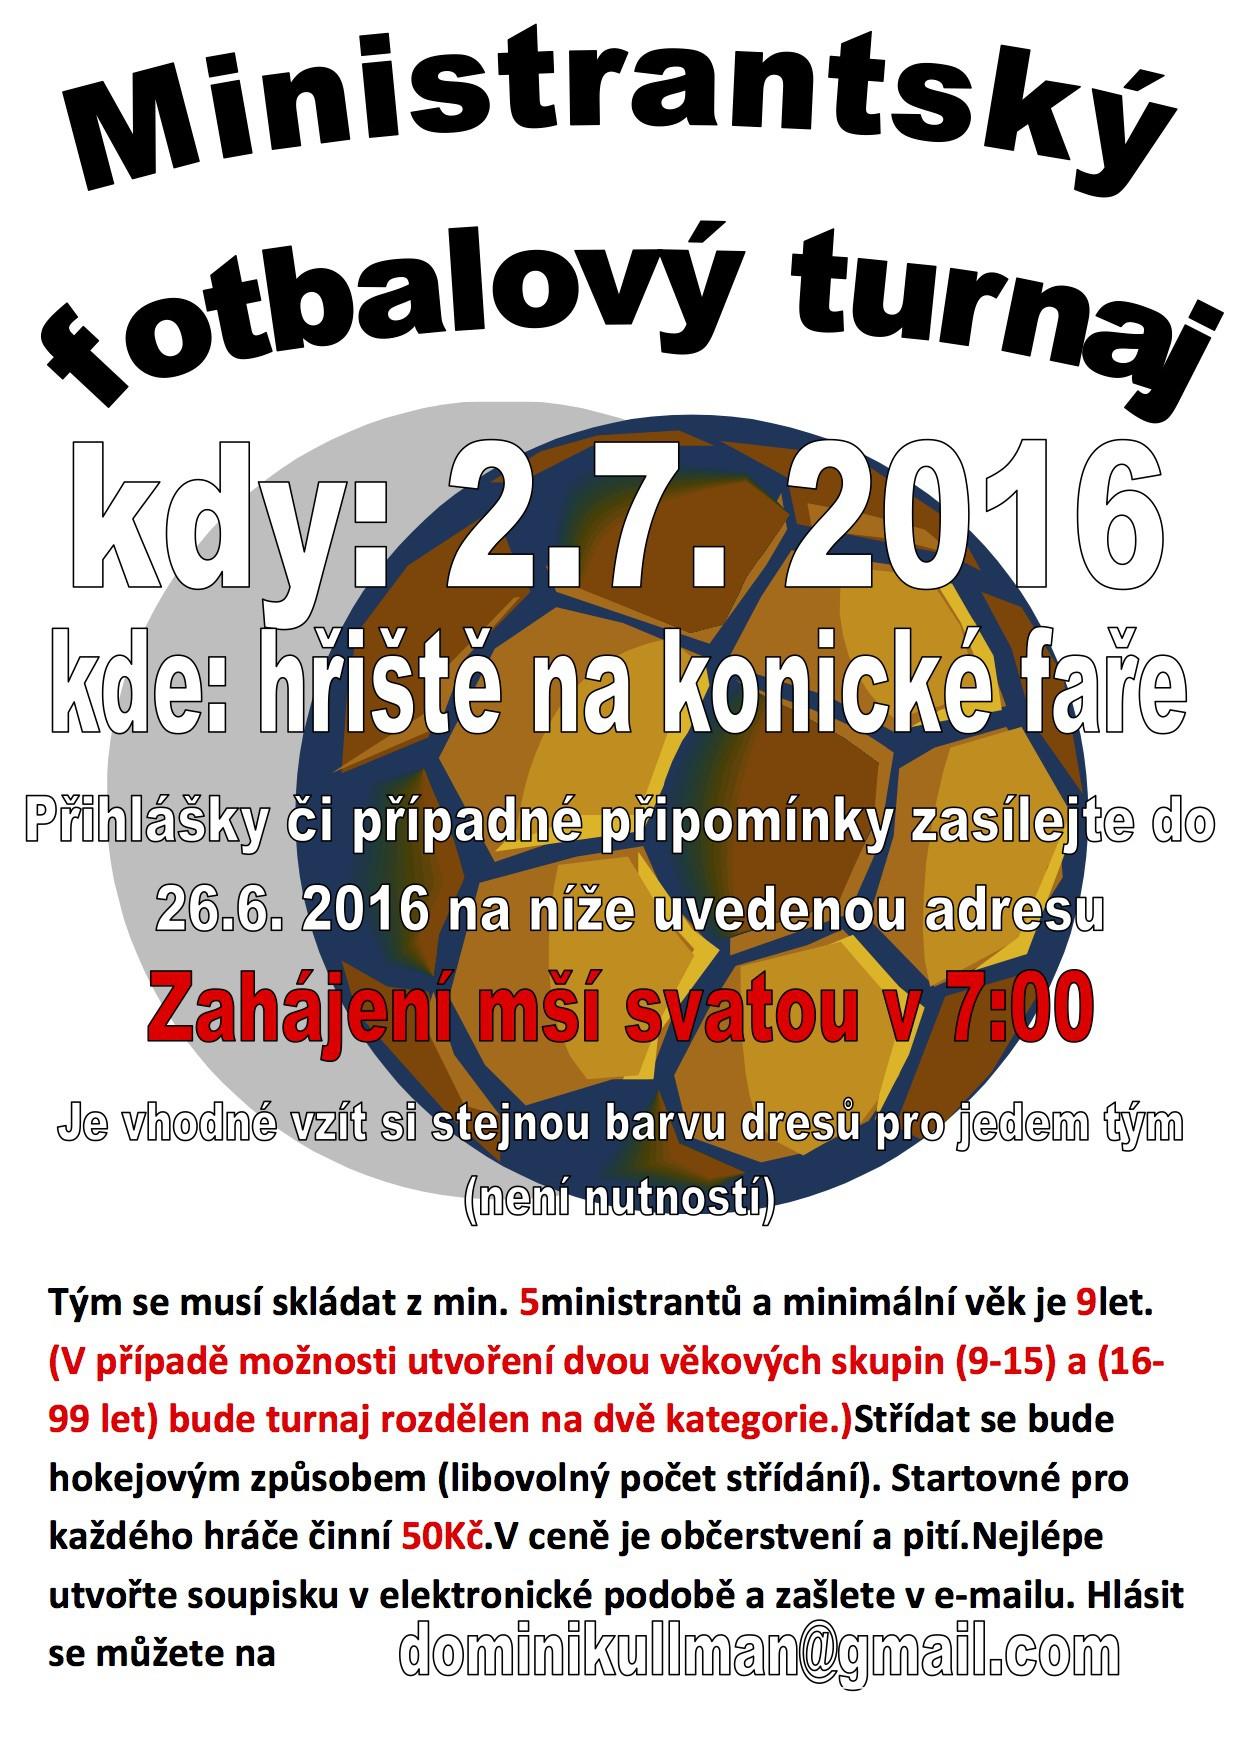 Fotbalovy_turnaj.jpg